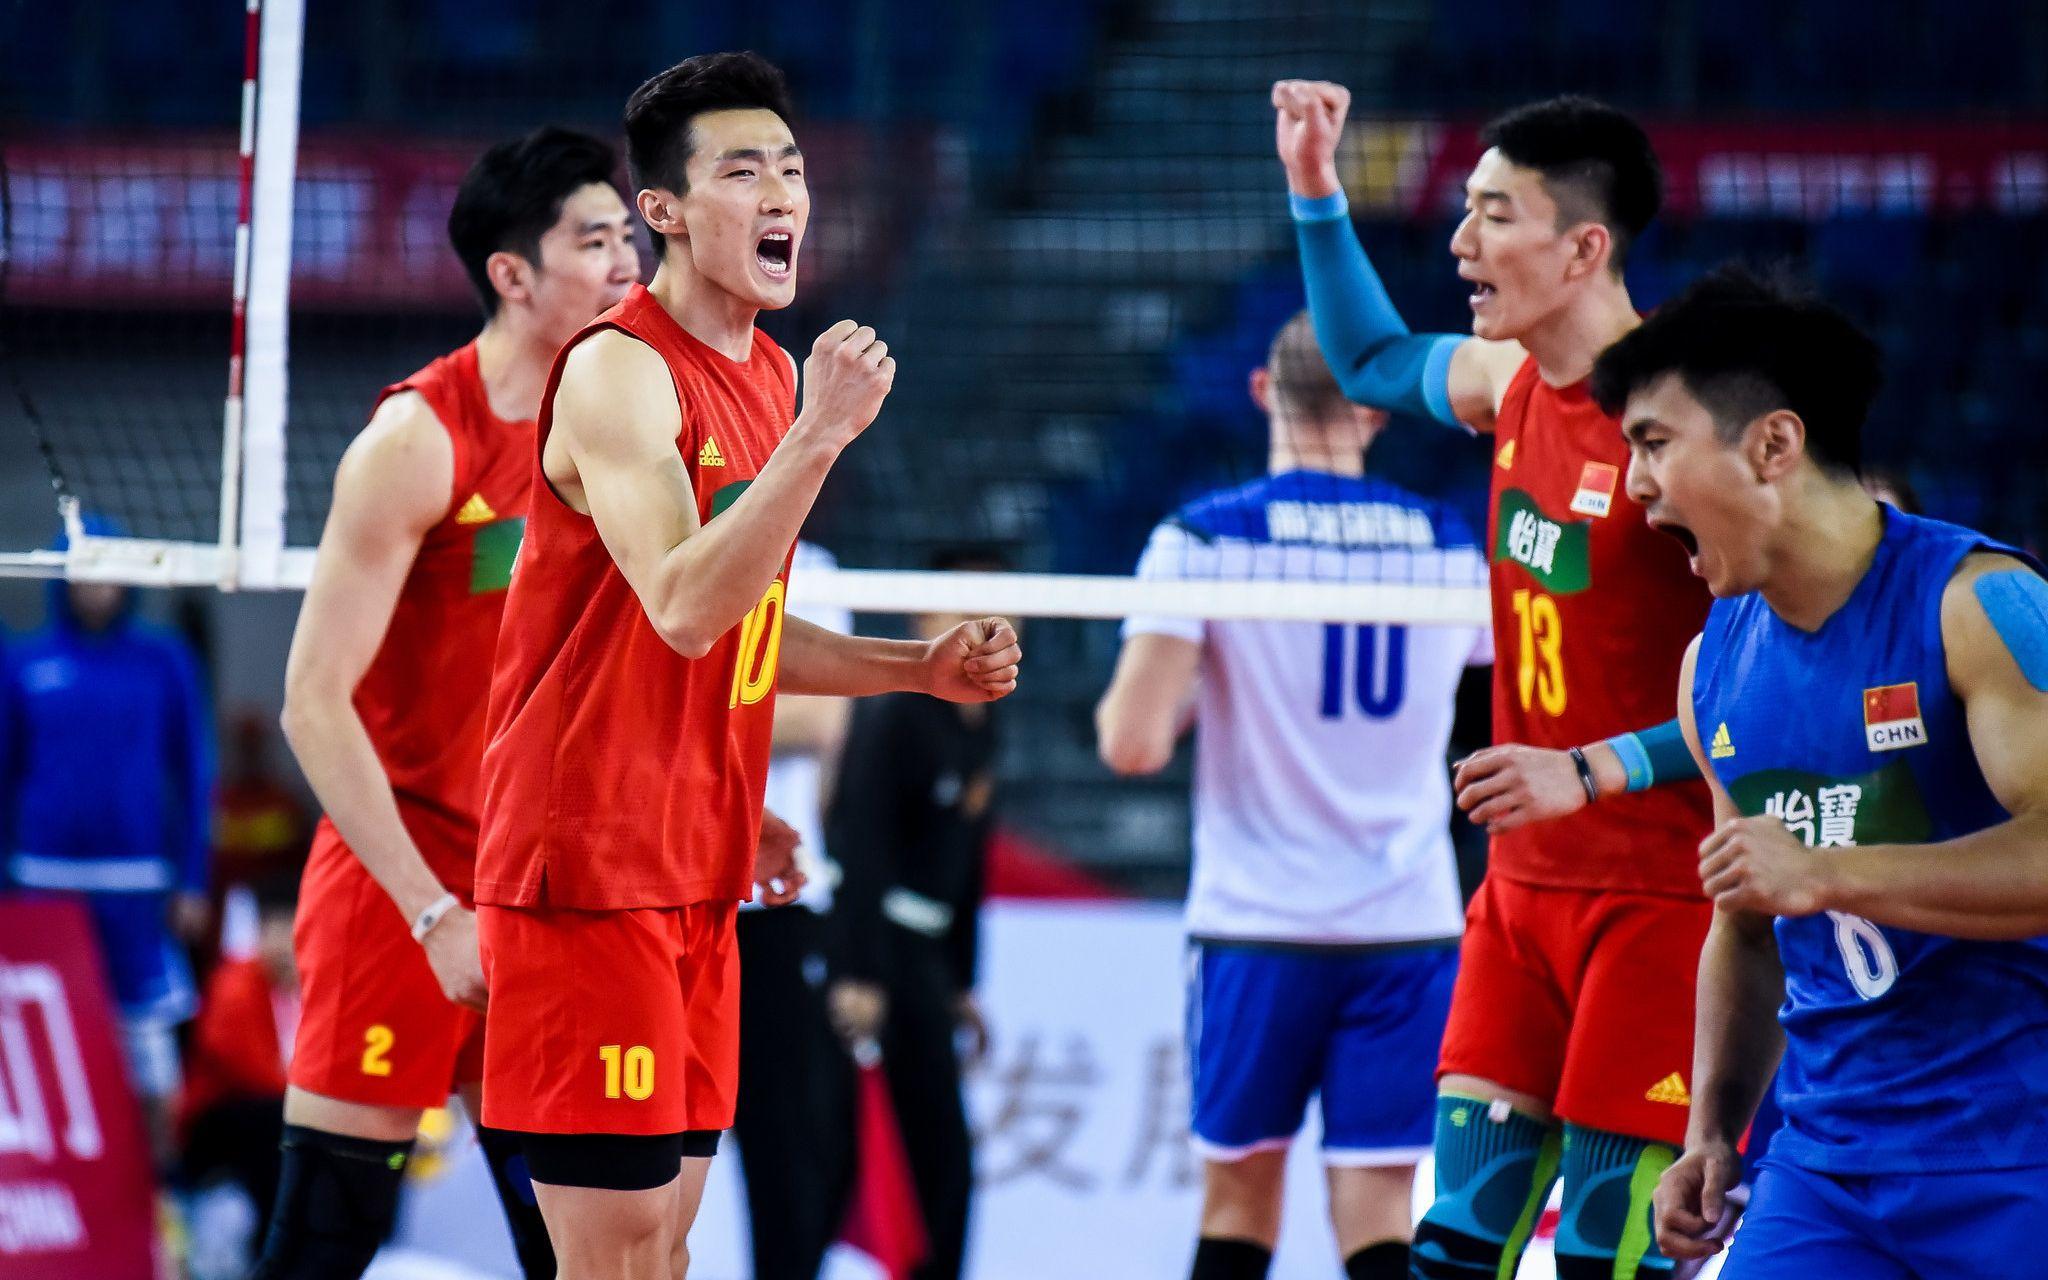 中国男排获奥运资格赛首胜,江川荣膺得分王图片